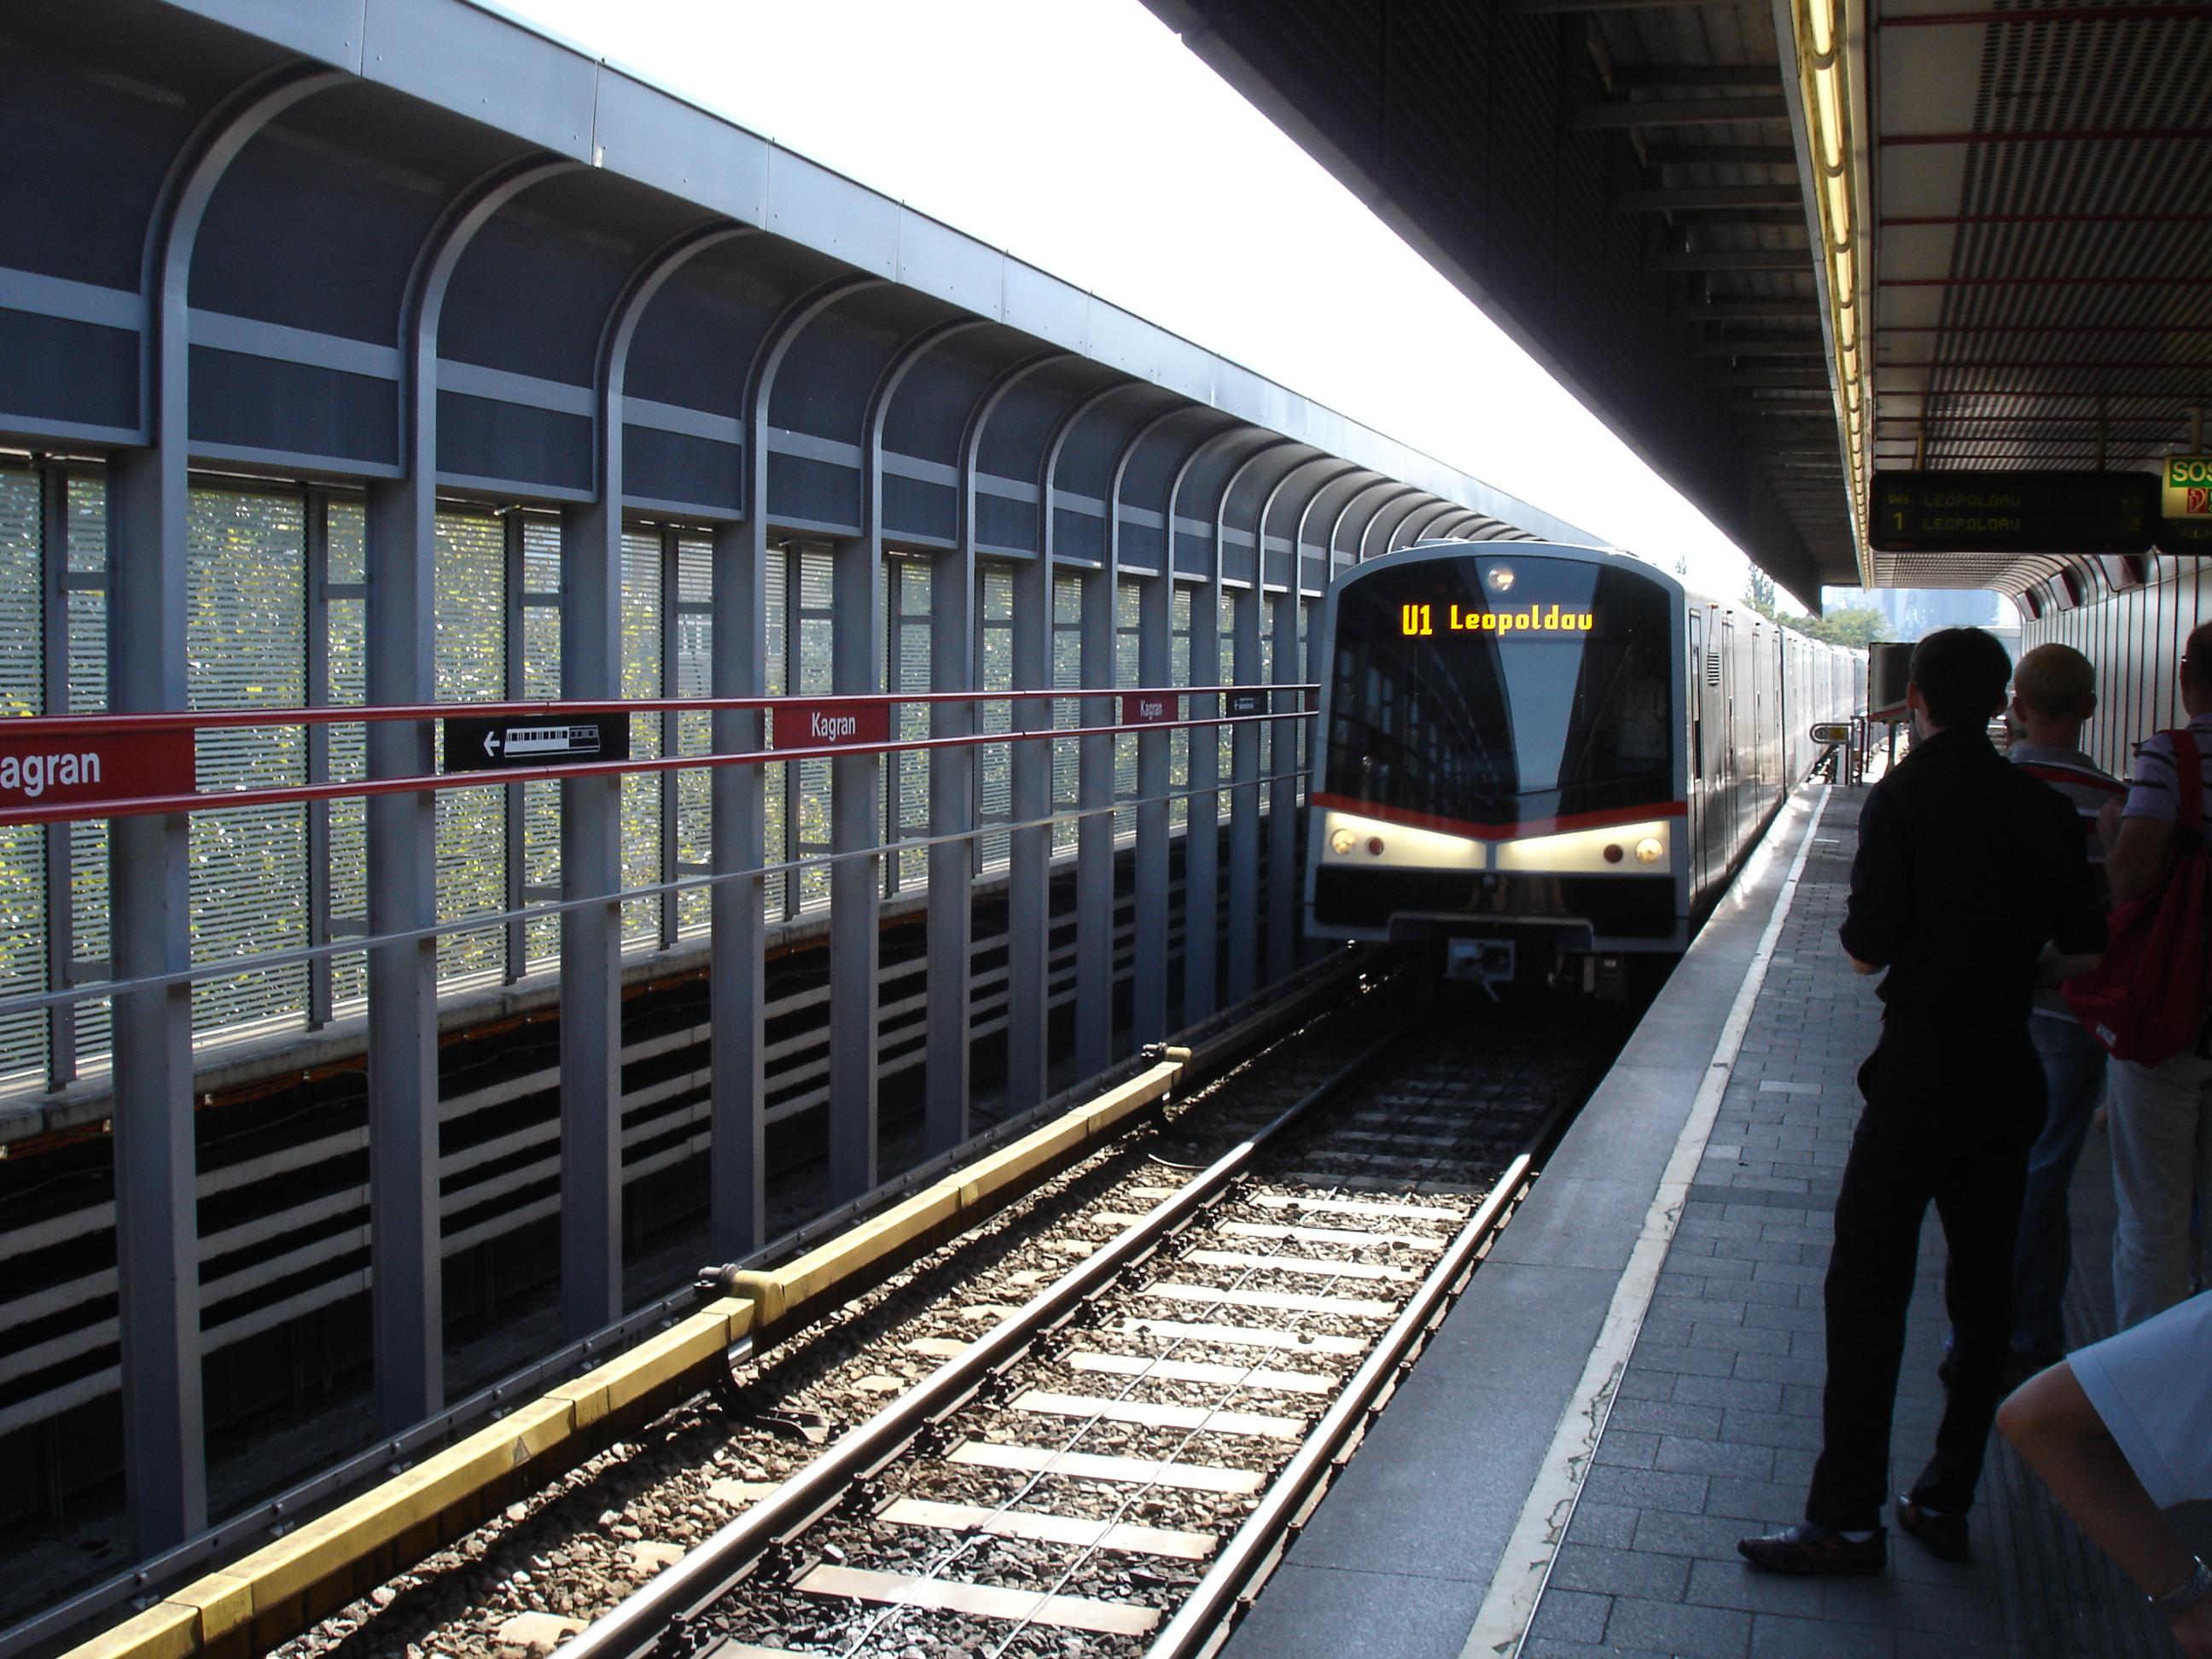 Vienna Austria u Bahn Vienna U-bahn U1.jpg